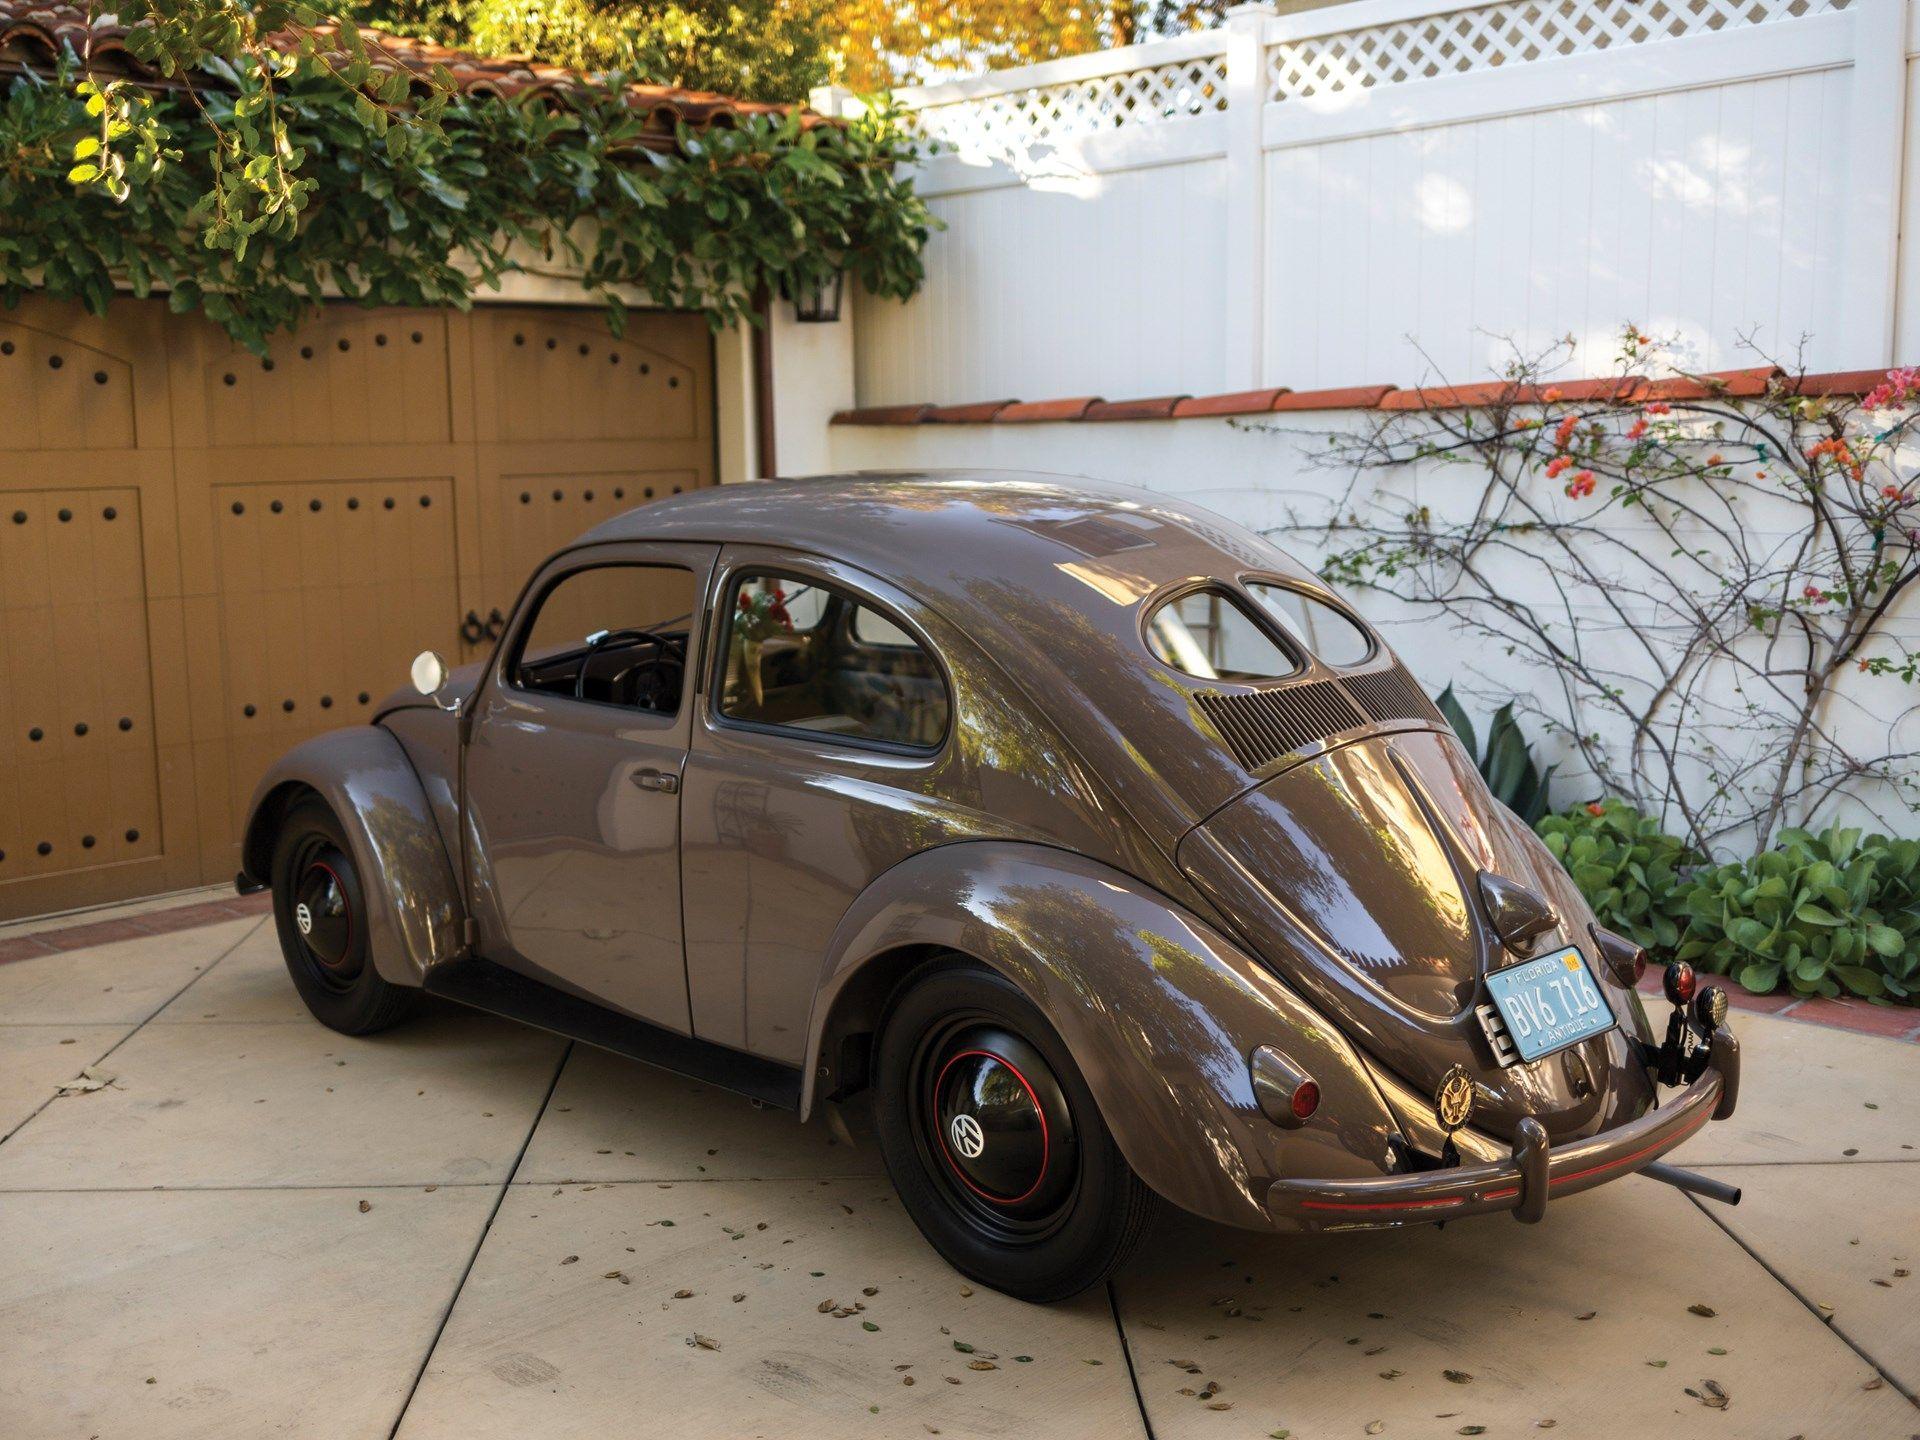 1952 Volkswagen Type 1 Beetle Split Window Standard Sedan Volkswagen New Beetle Vintage Volkswagen Volkswagen